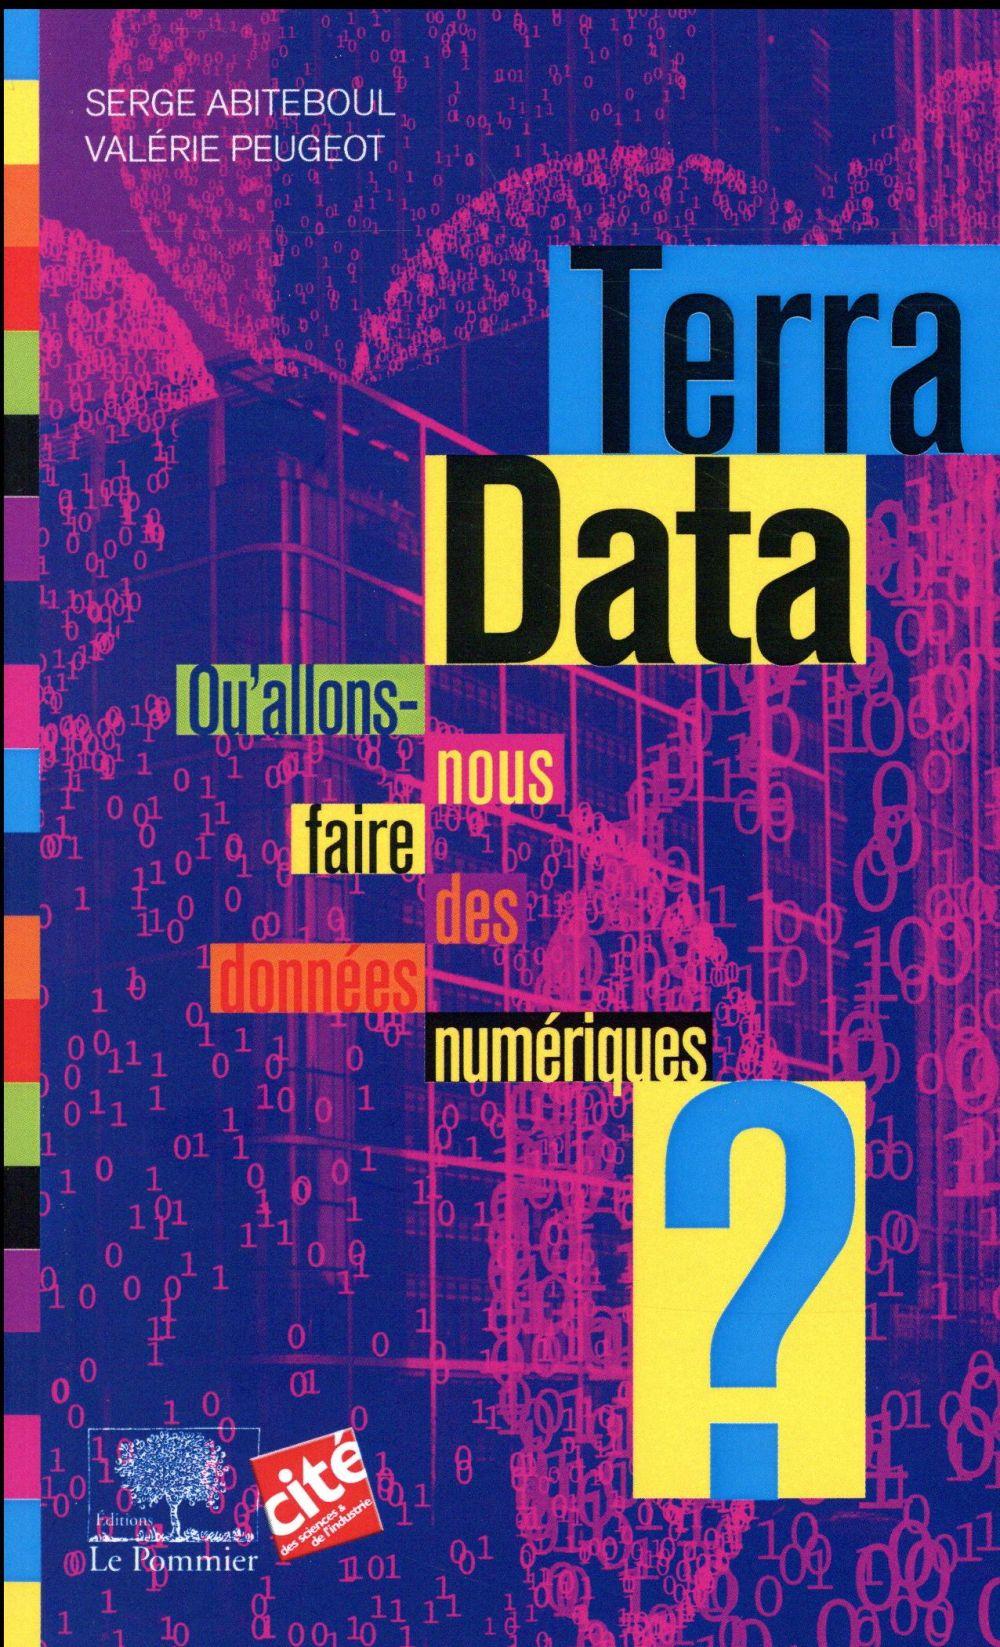 TERRA DATA - QU'ALLONS-NOUS FAIRE DES DONNEES NUMERIQUES